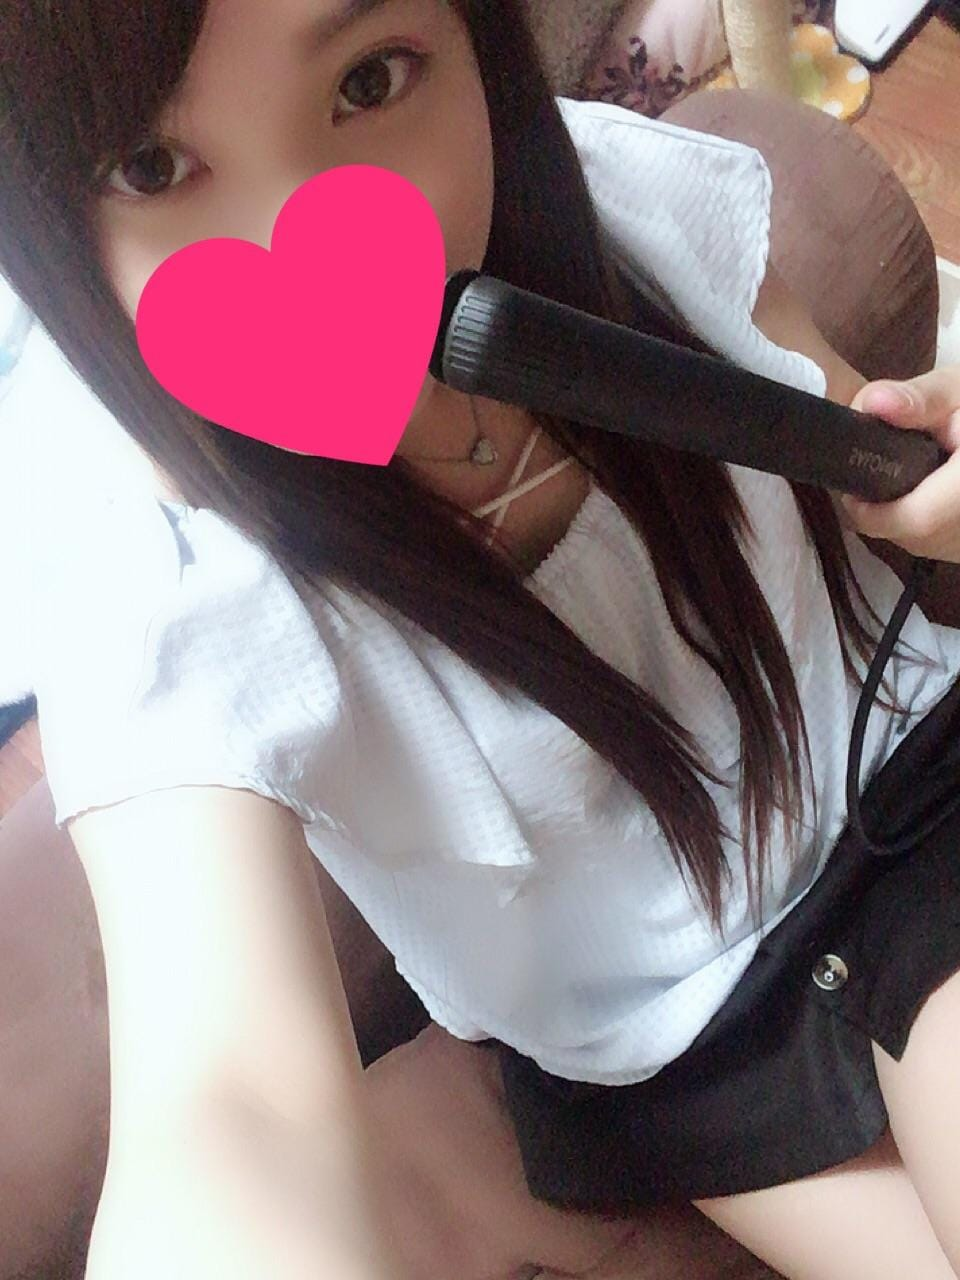 「アイロン変えたよ〜(´ ??ω??)っ⌒ ??.」07/20(07/20) 13:17 | あいの写メ・風俗動画